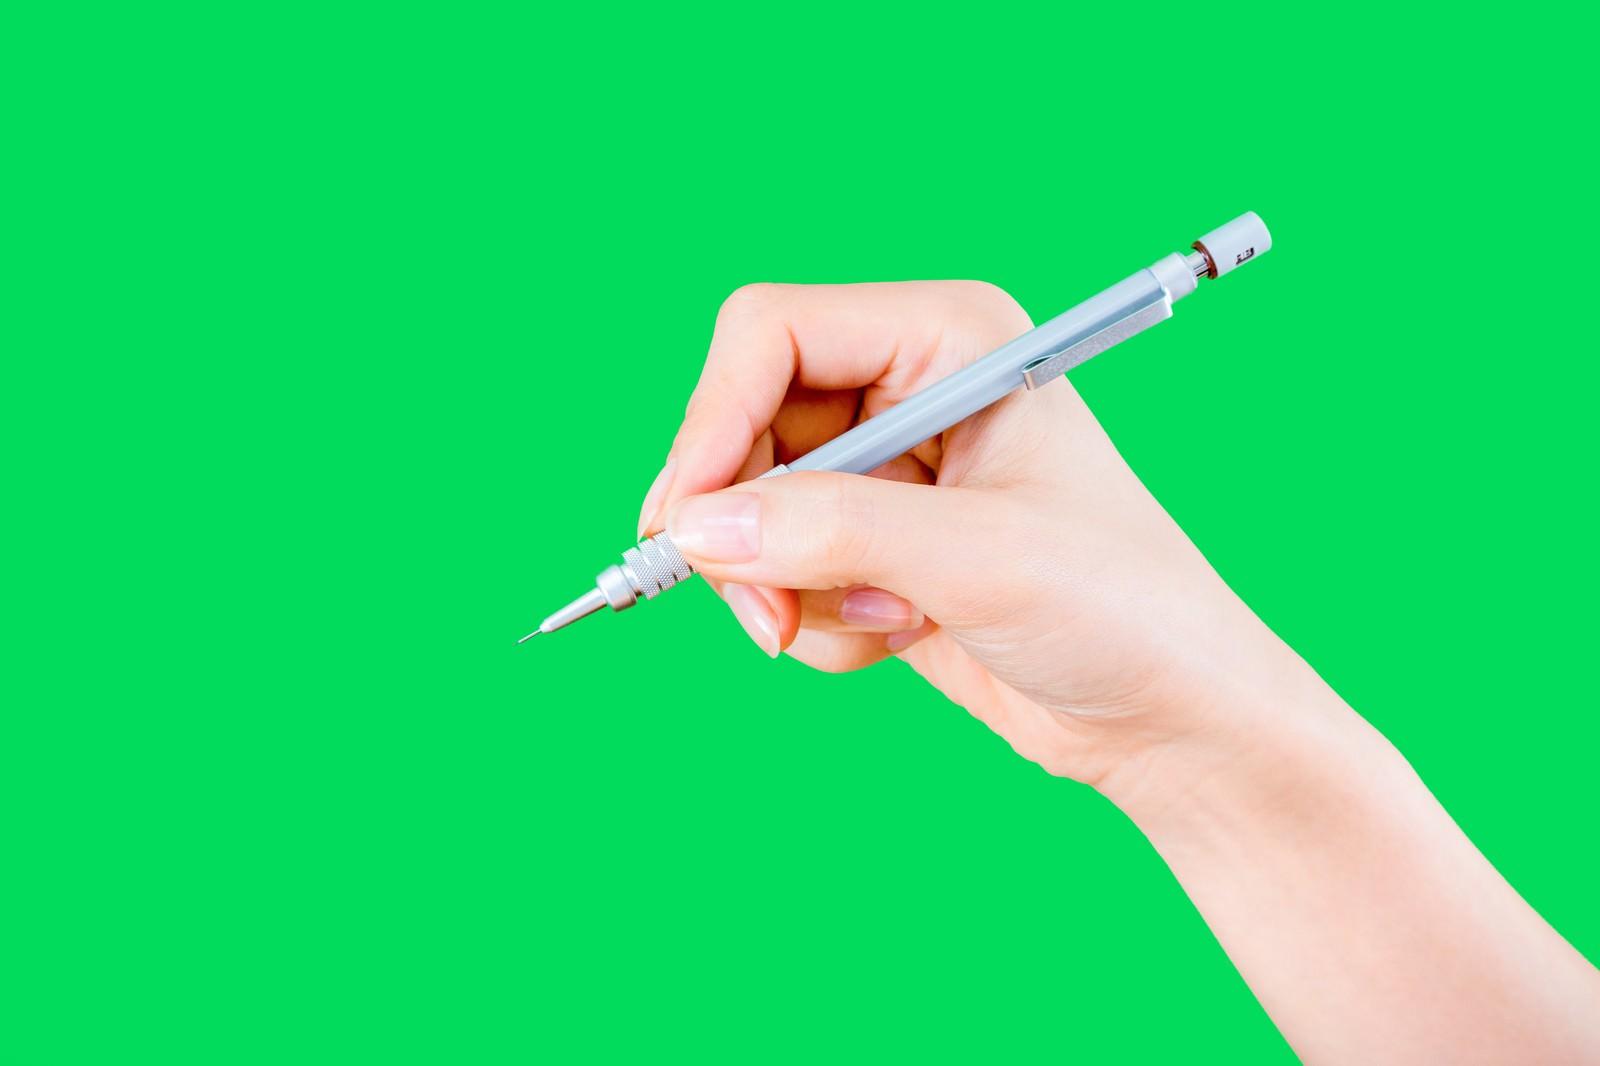 「シャーペンをもつ手(グリーンバック)シャーペンをもつ手(グリーンバック)」[モデル:MOA]のフリー写真素材